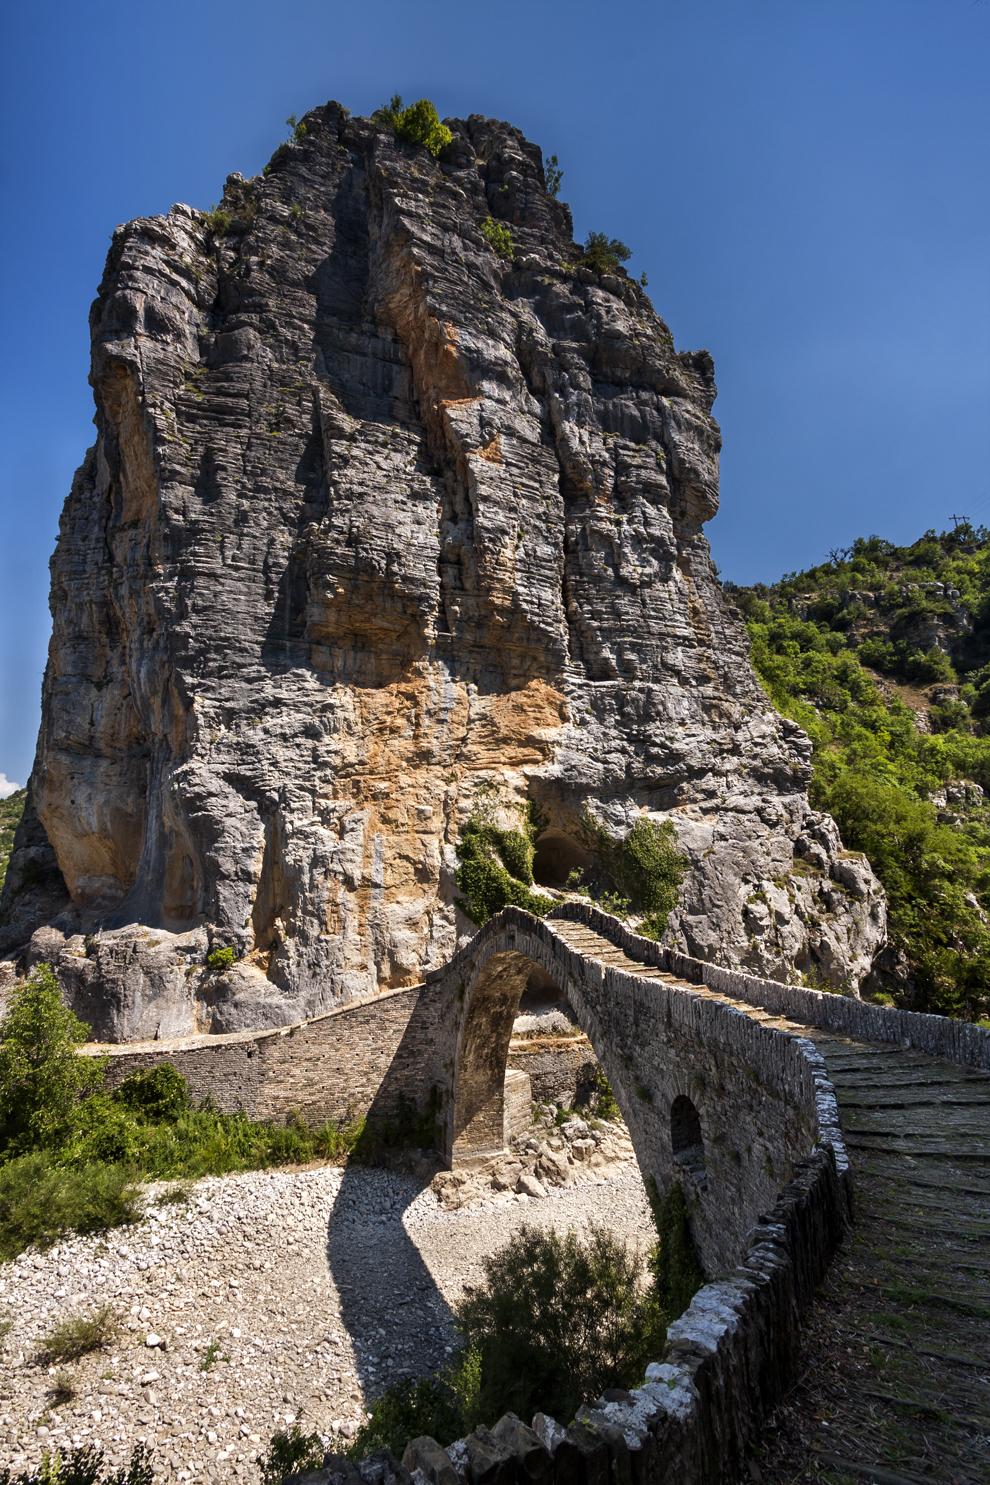 Podul de piatră Kokoris, construit în anul 1750, regiunea Zagoria.